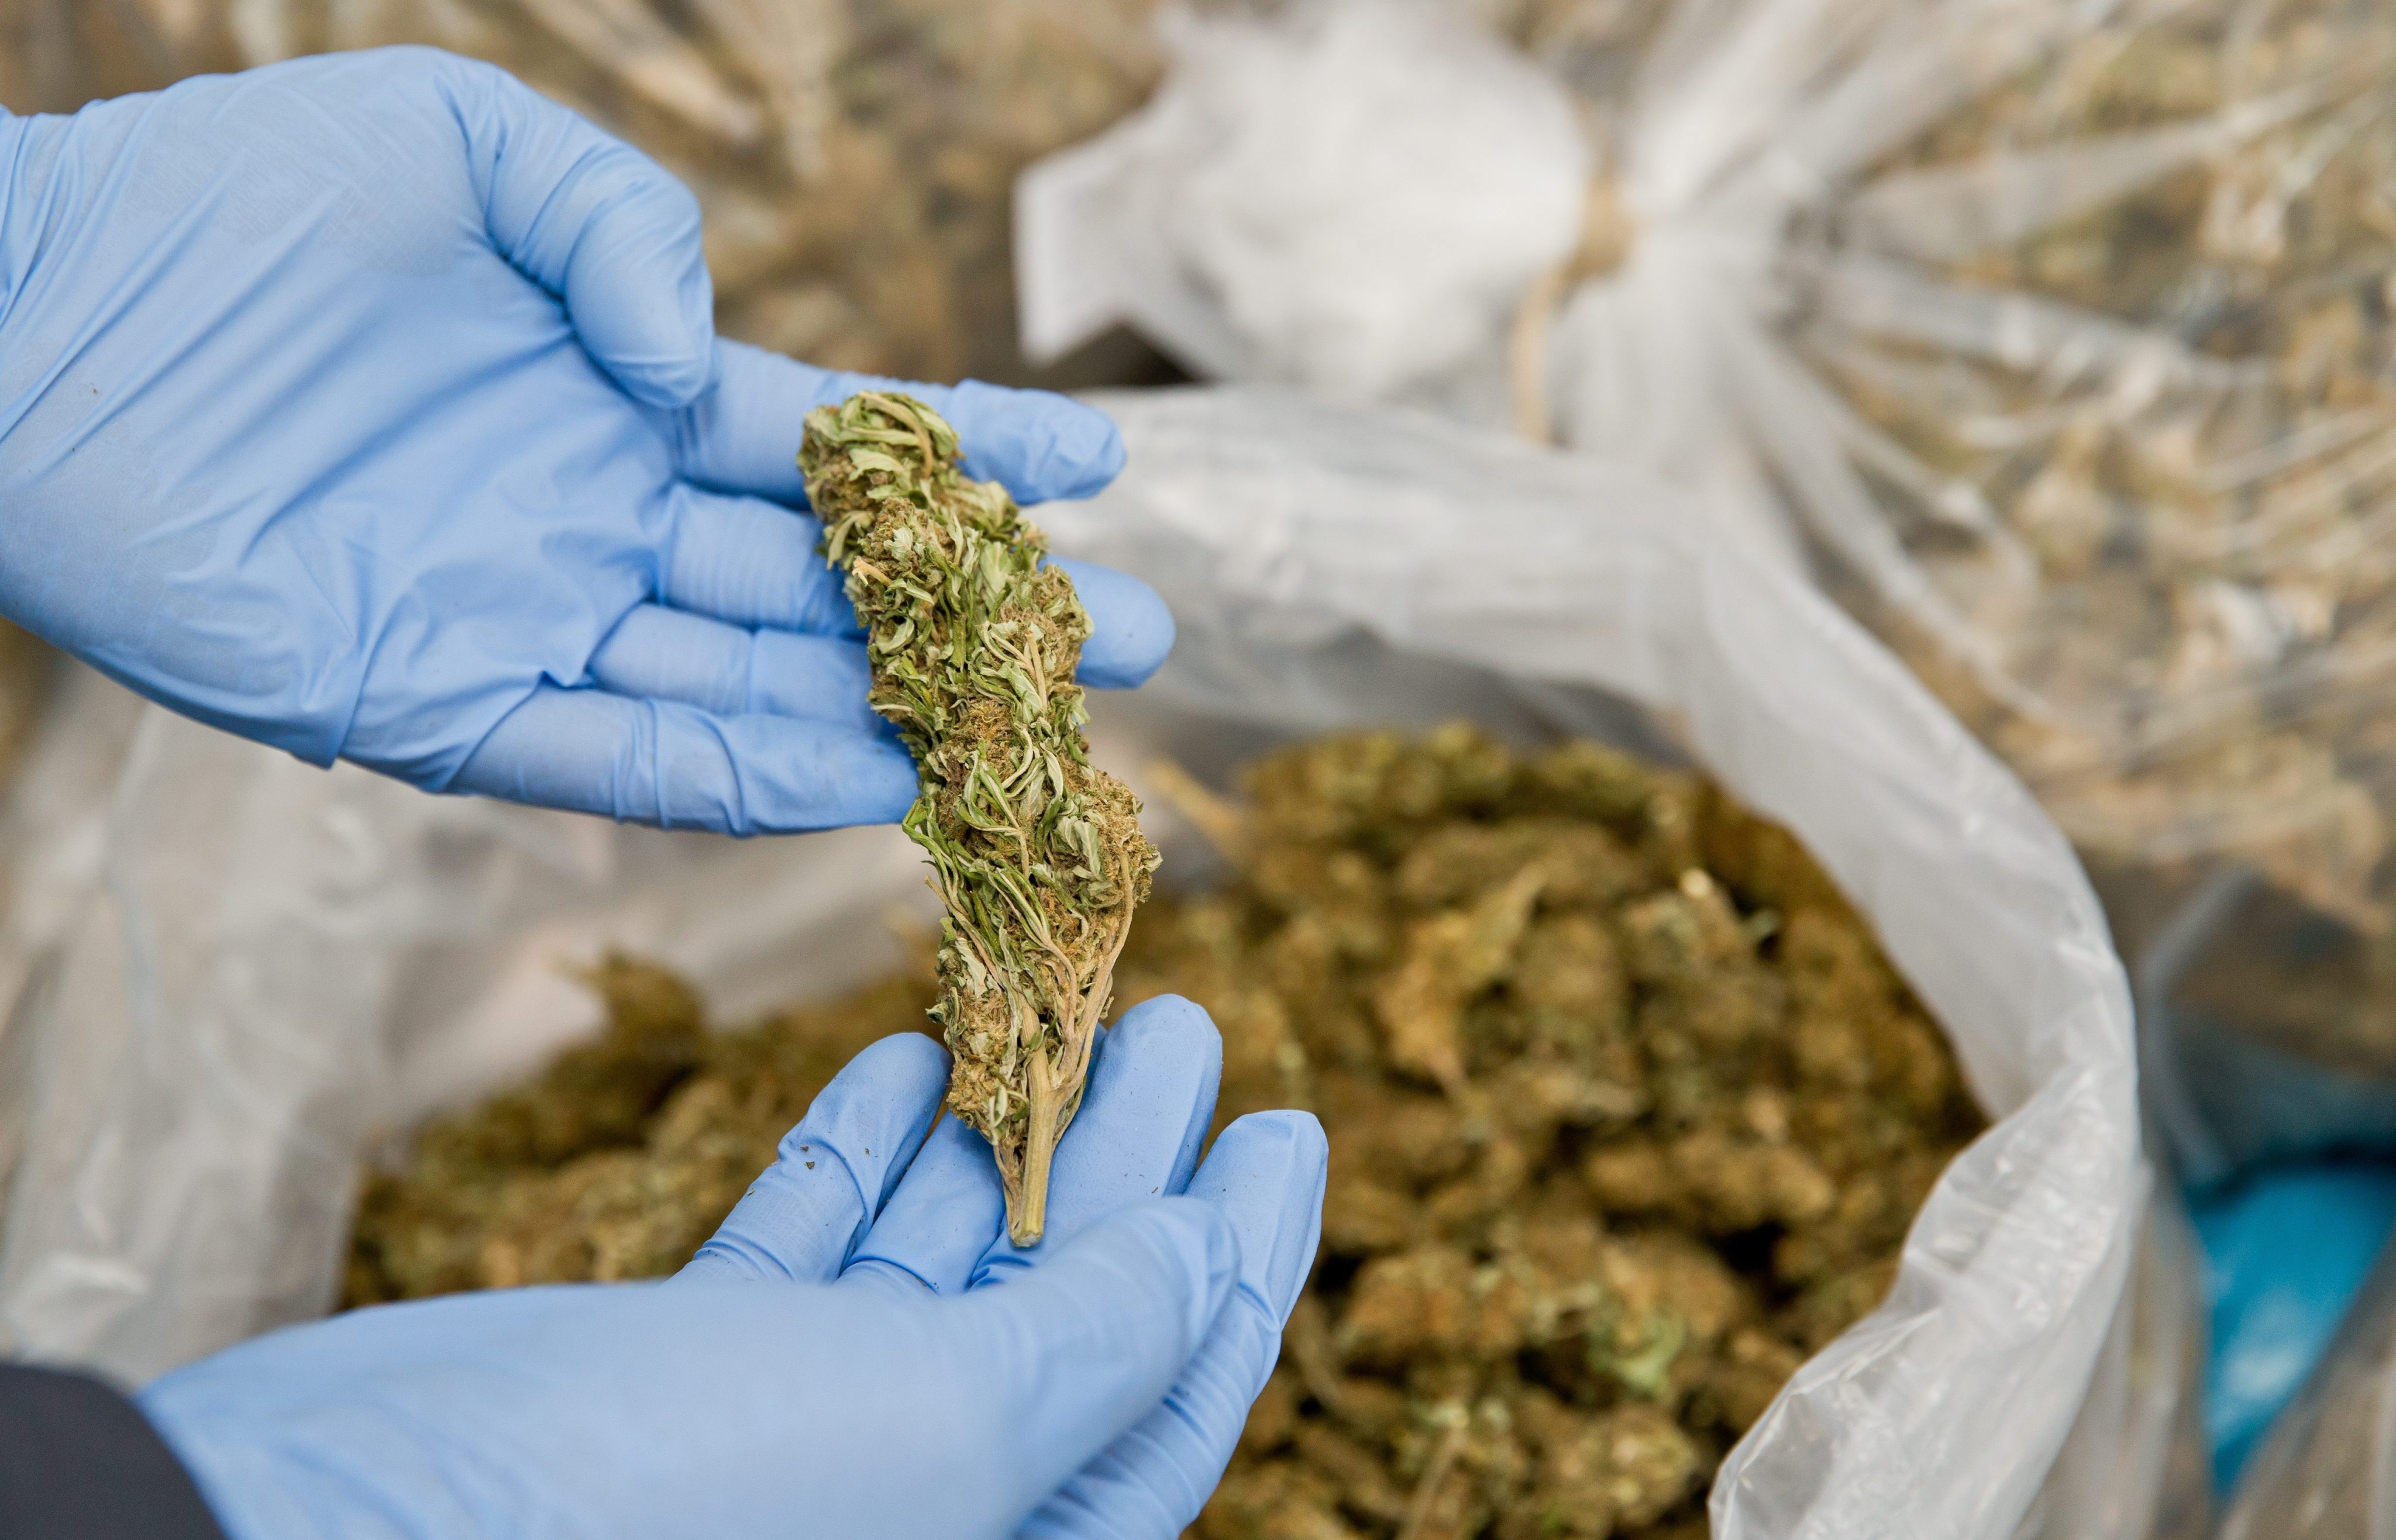 Хранение и перевозка марихуаны любовь и конопля